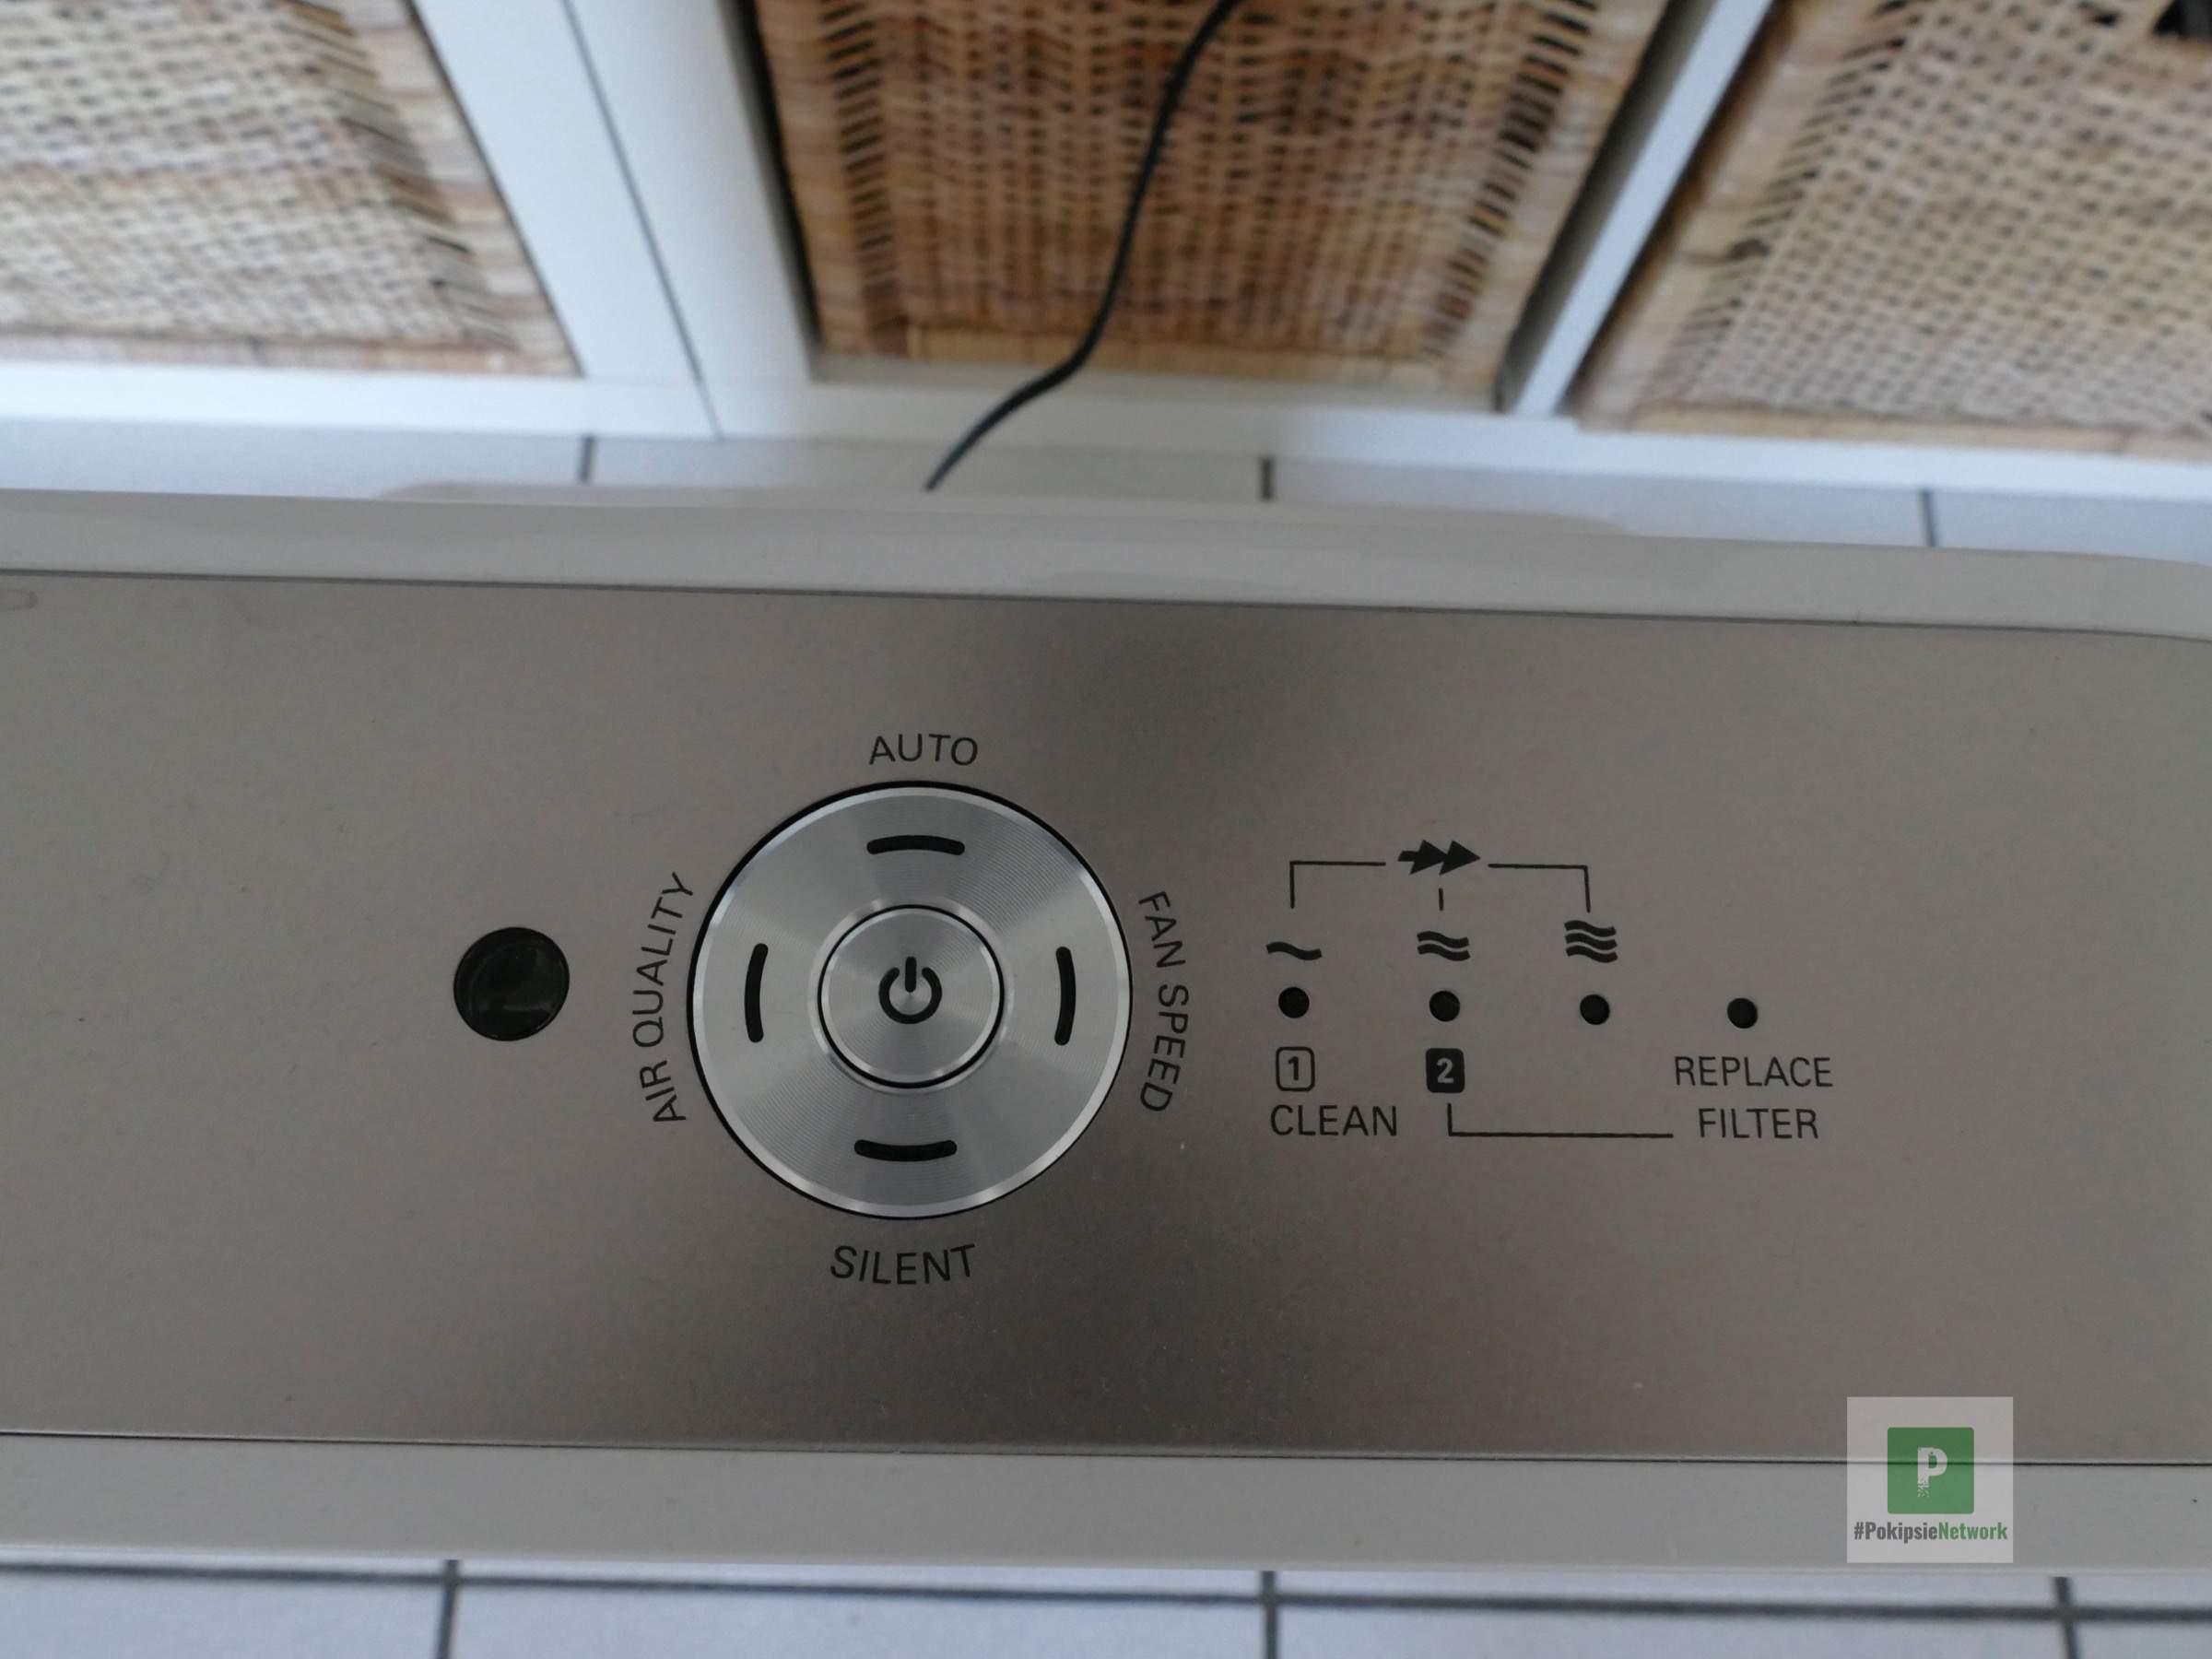 Der Bedienknopf und die LED-Anzeigen